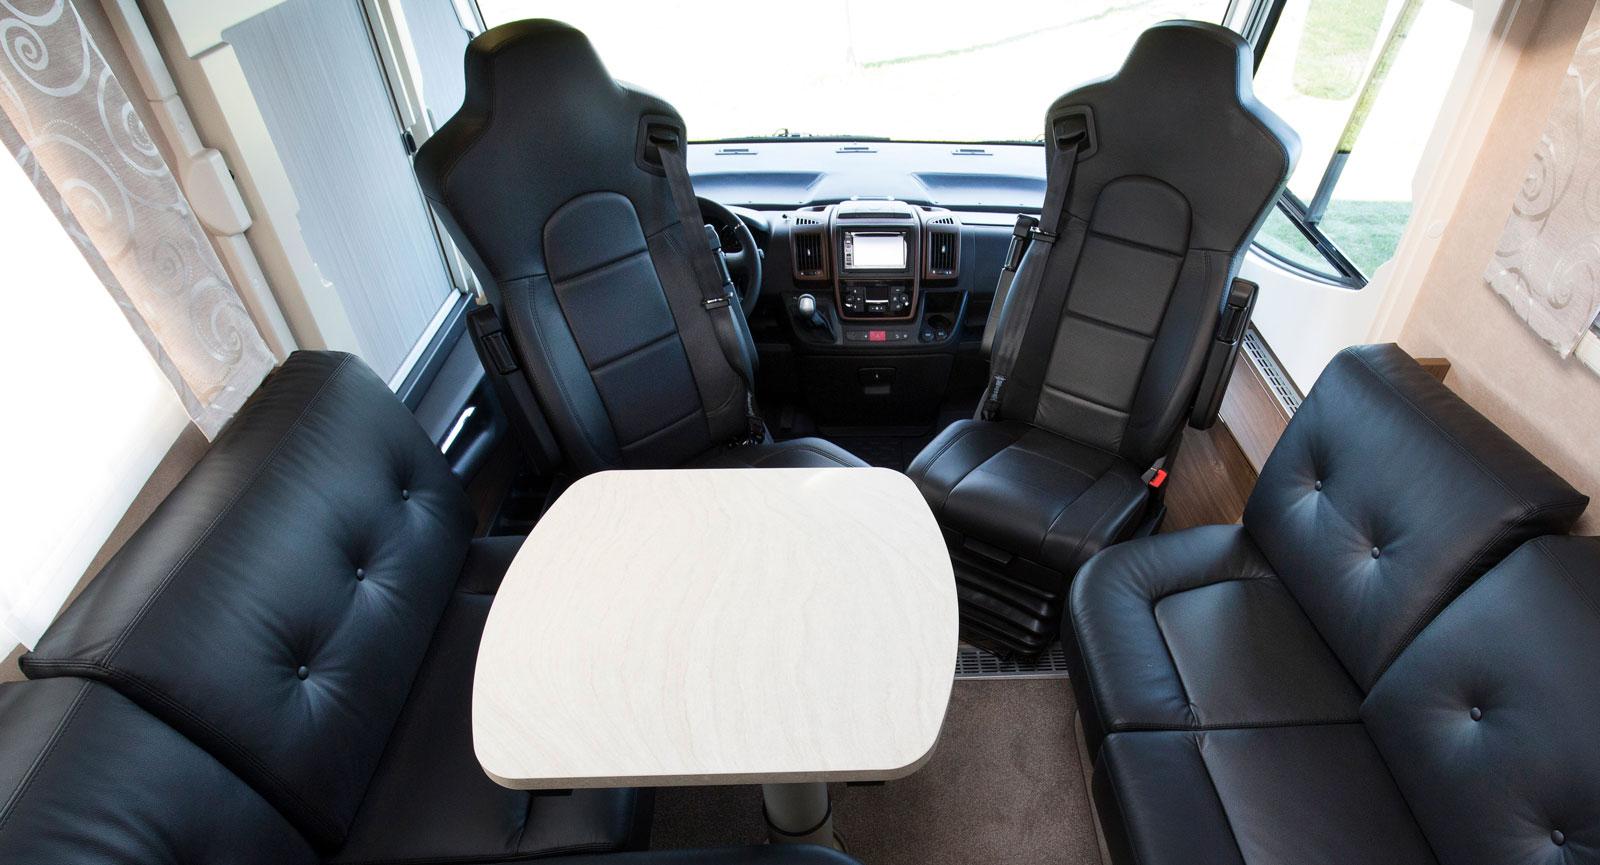 Många kan samsas kring bordet i denna bil. Skinnklädsel är ett läckert tillval som kostar 30000 kr.